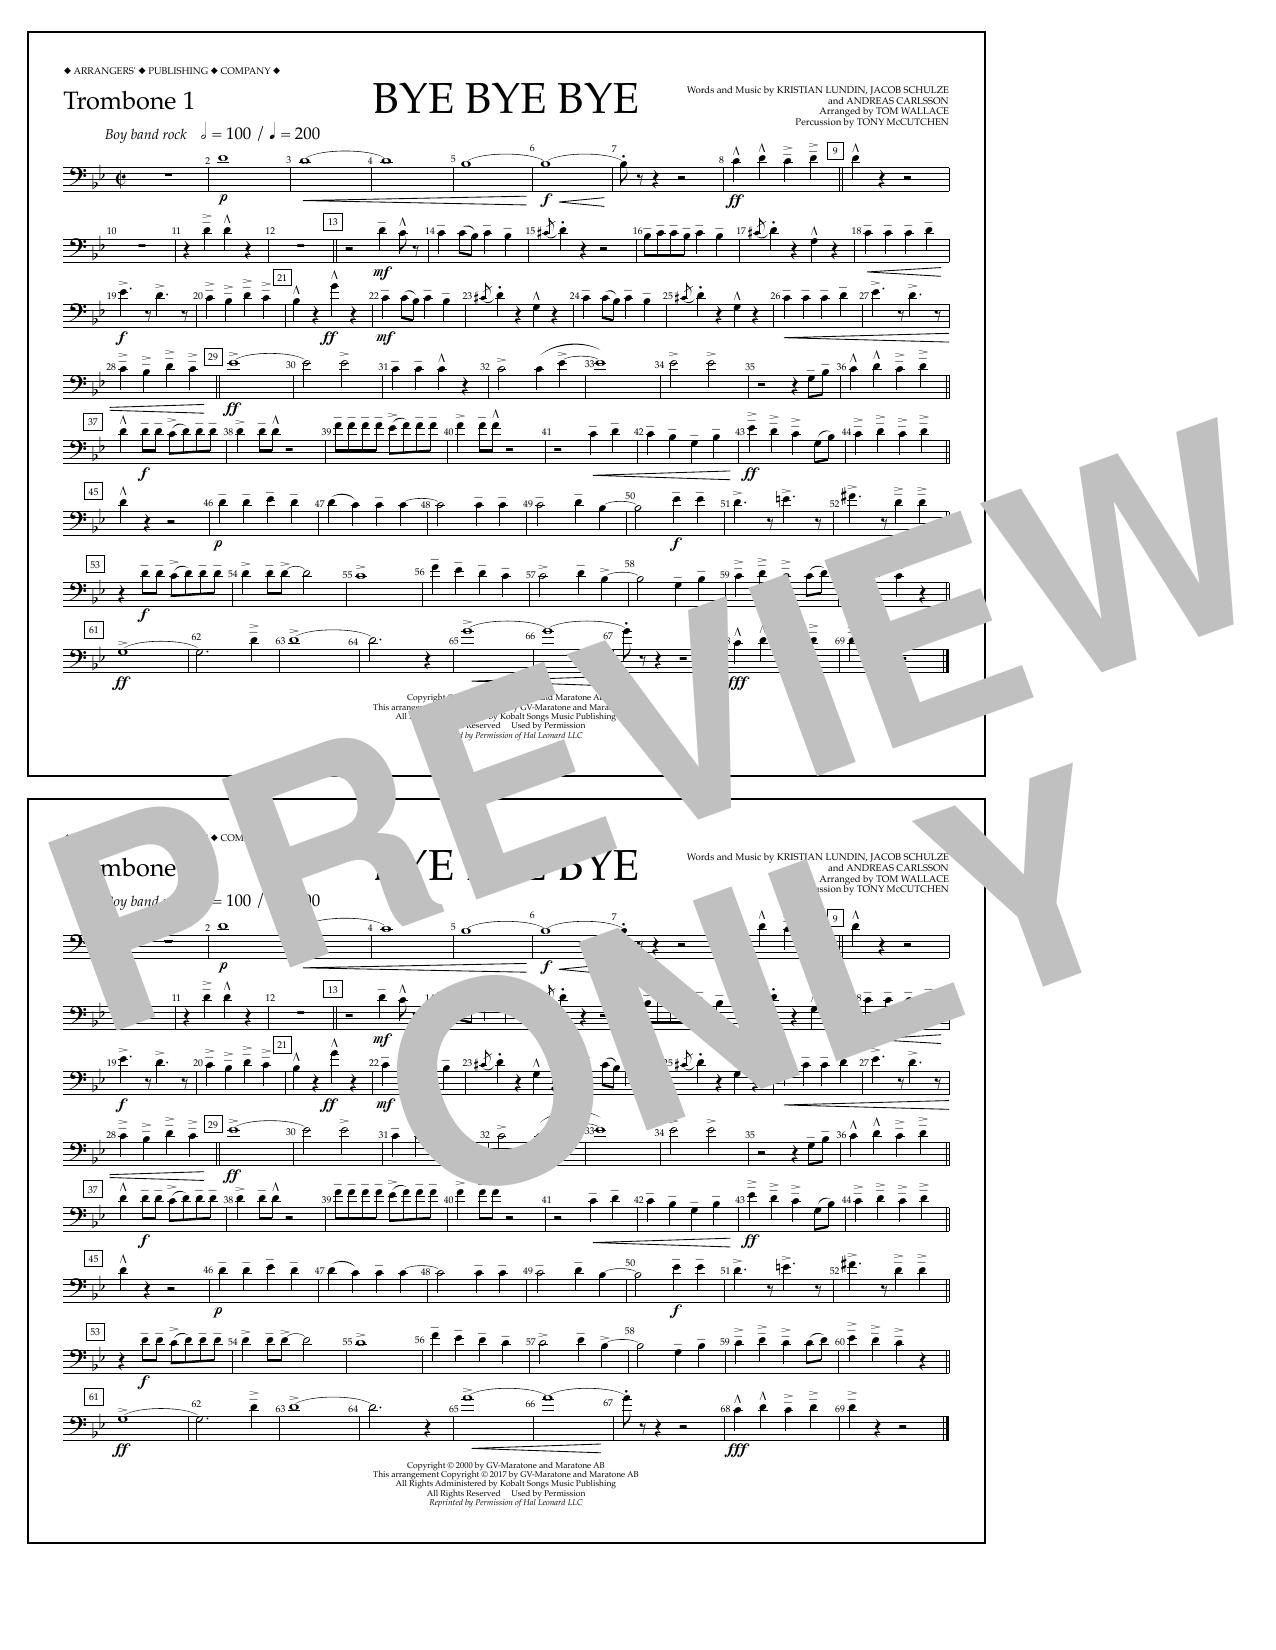 Bye Bye Bye - Trombone 1 Sheet Music